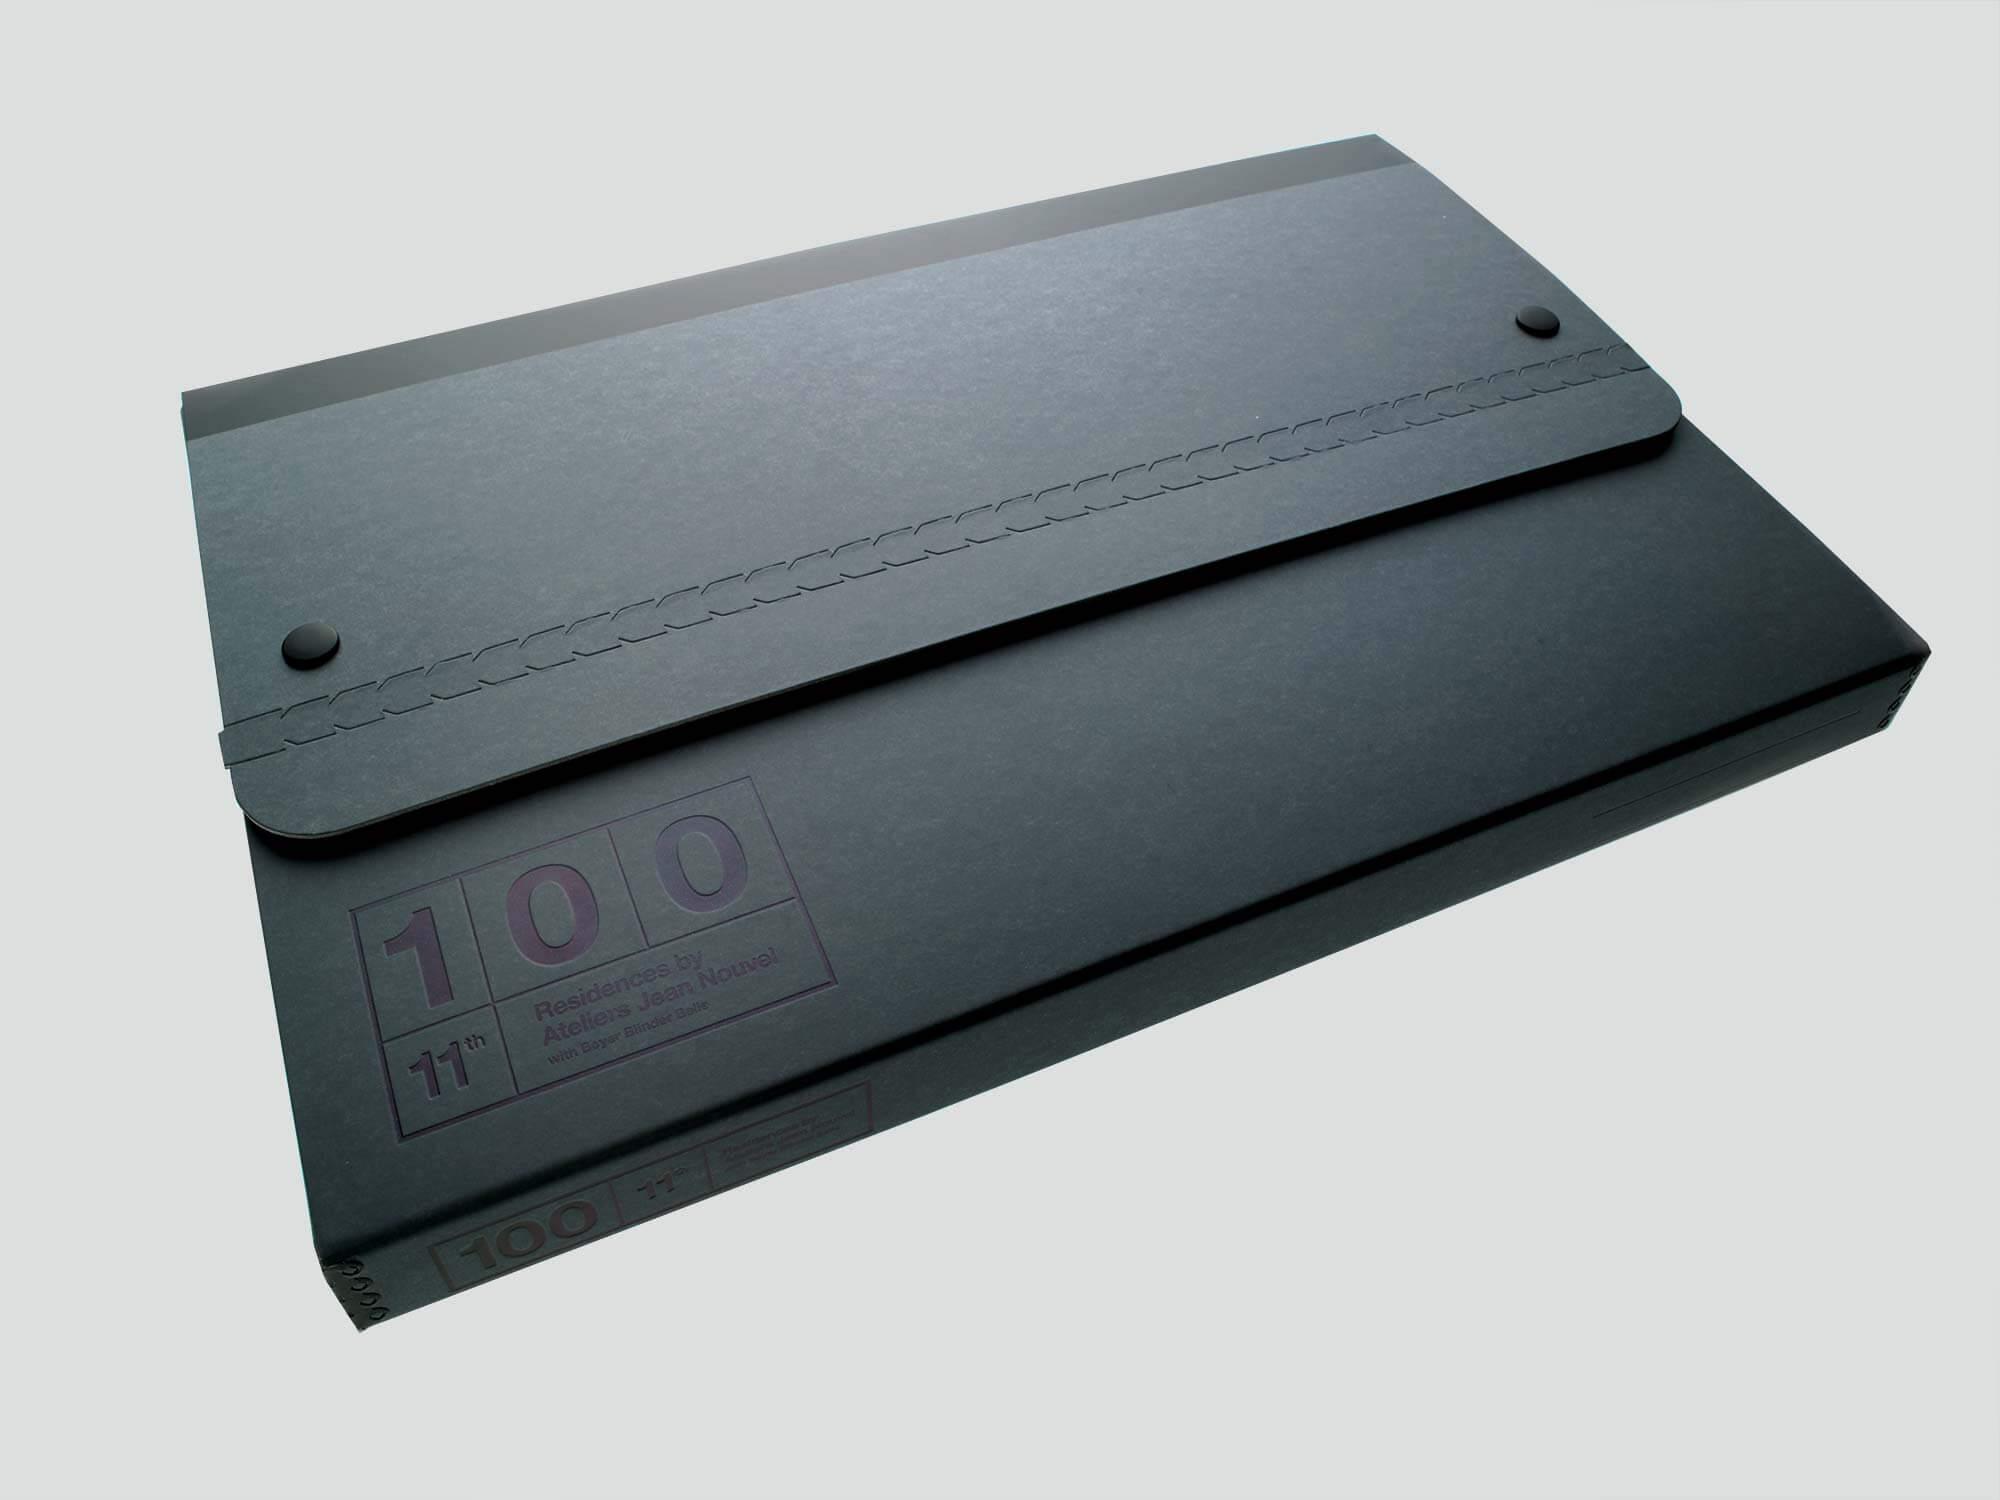 100-11-2000x1500-brochure-1